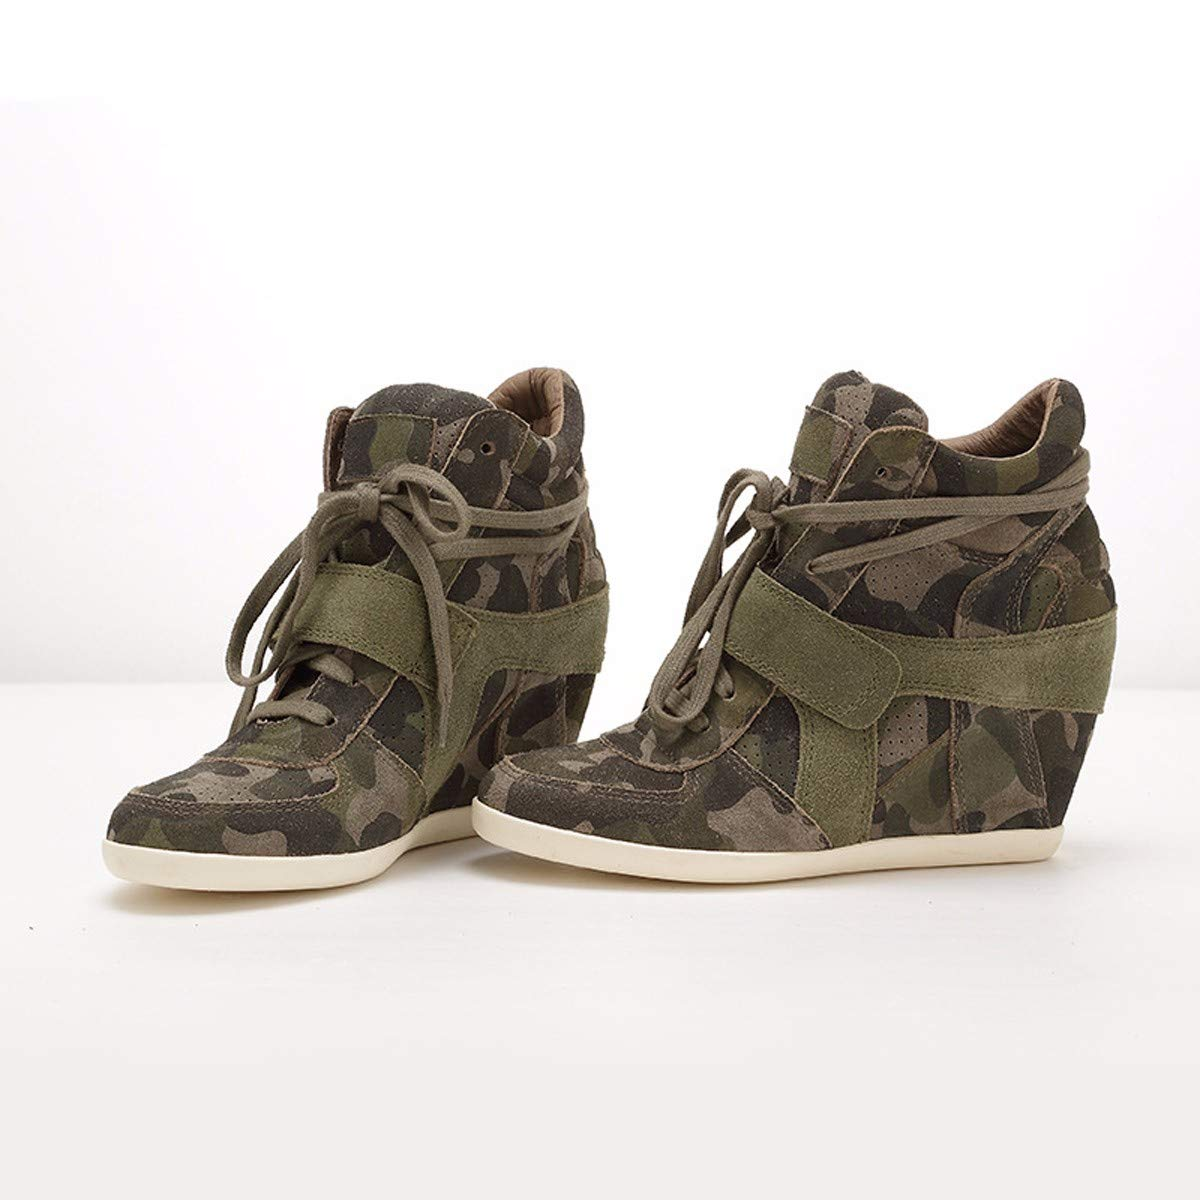 HBDLH Tarnung Damenschuhe Damenschuhe Herbst und Winter Tarnung HBDLH Printed Leder Schuhe Casual Schuhen Bequeme Schuhe. 0b23ee